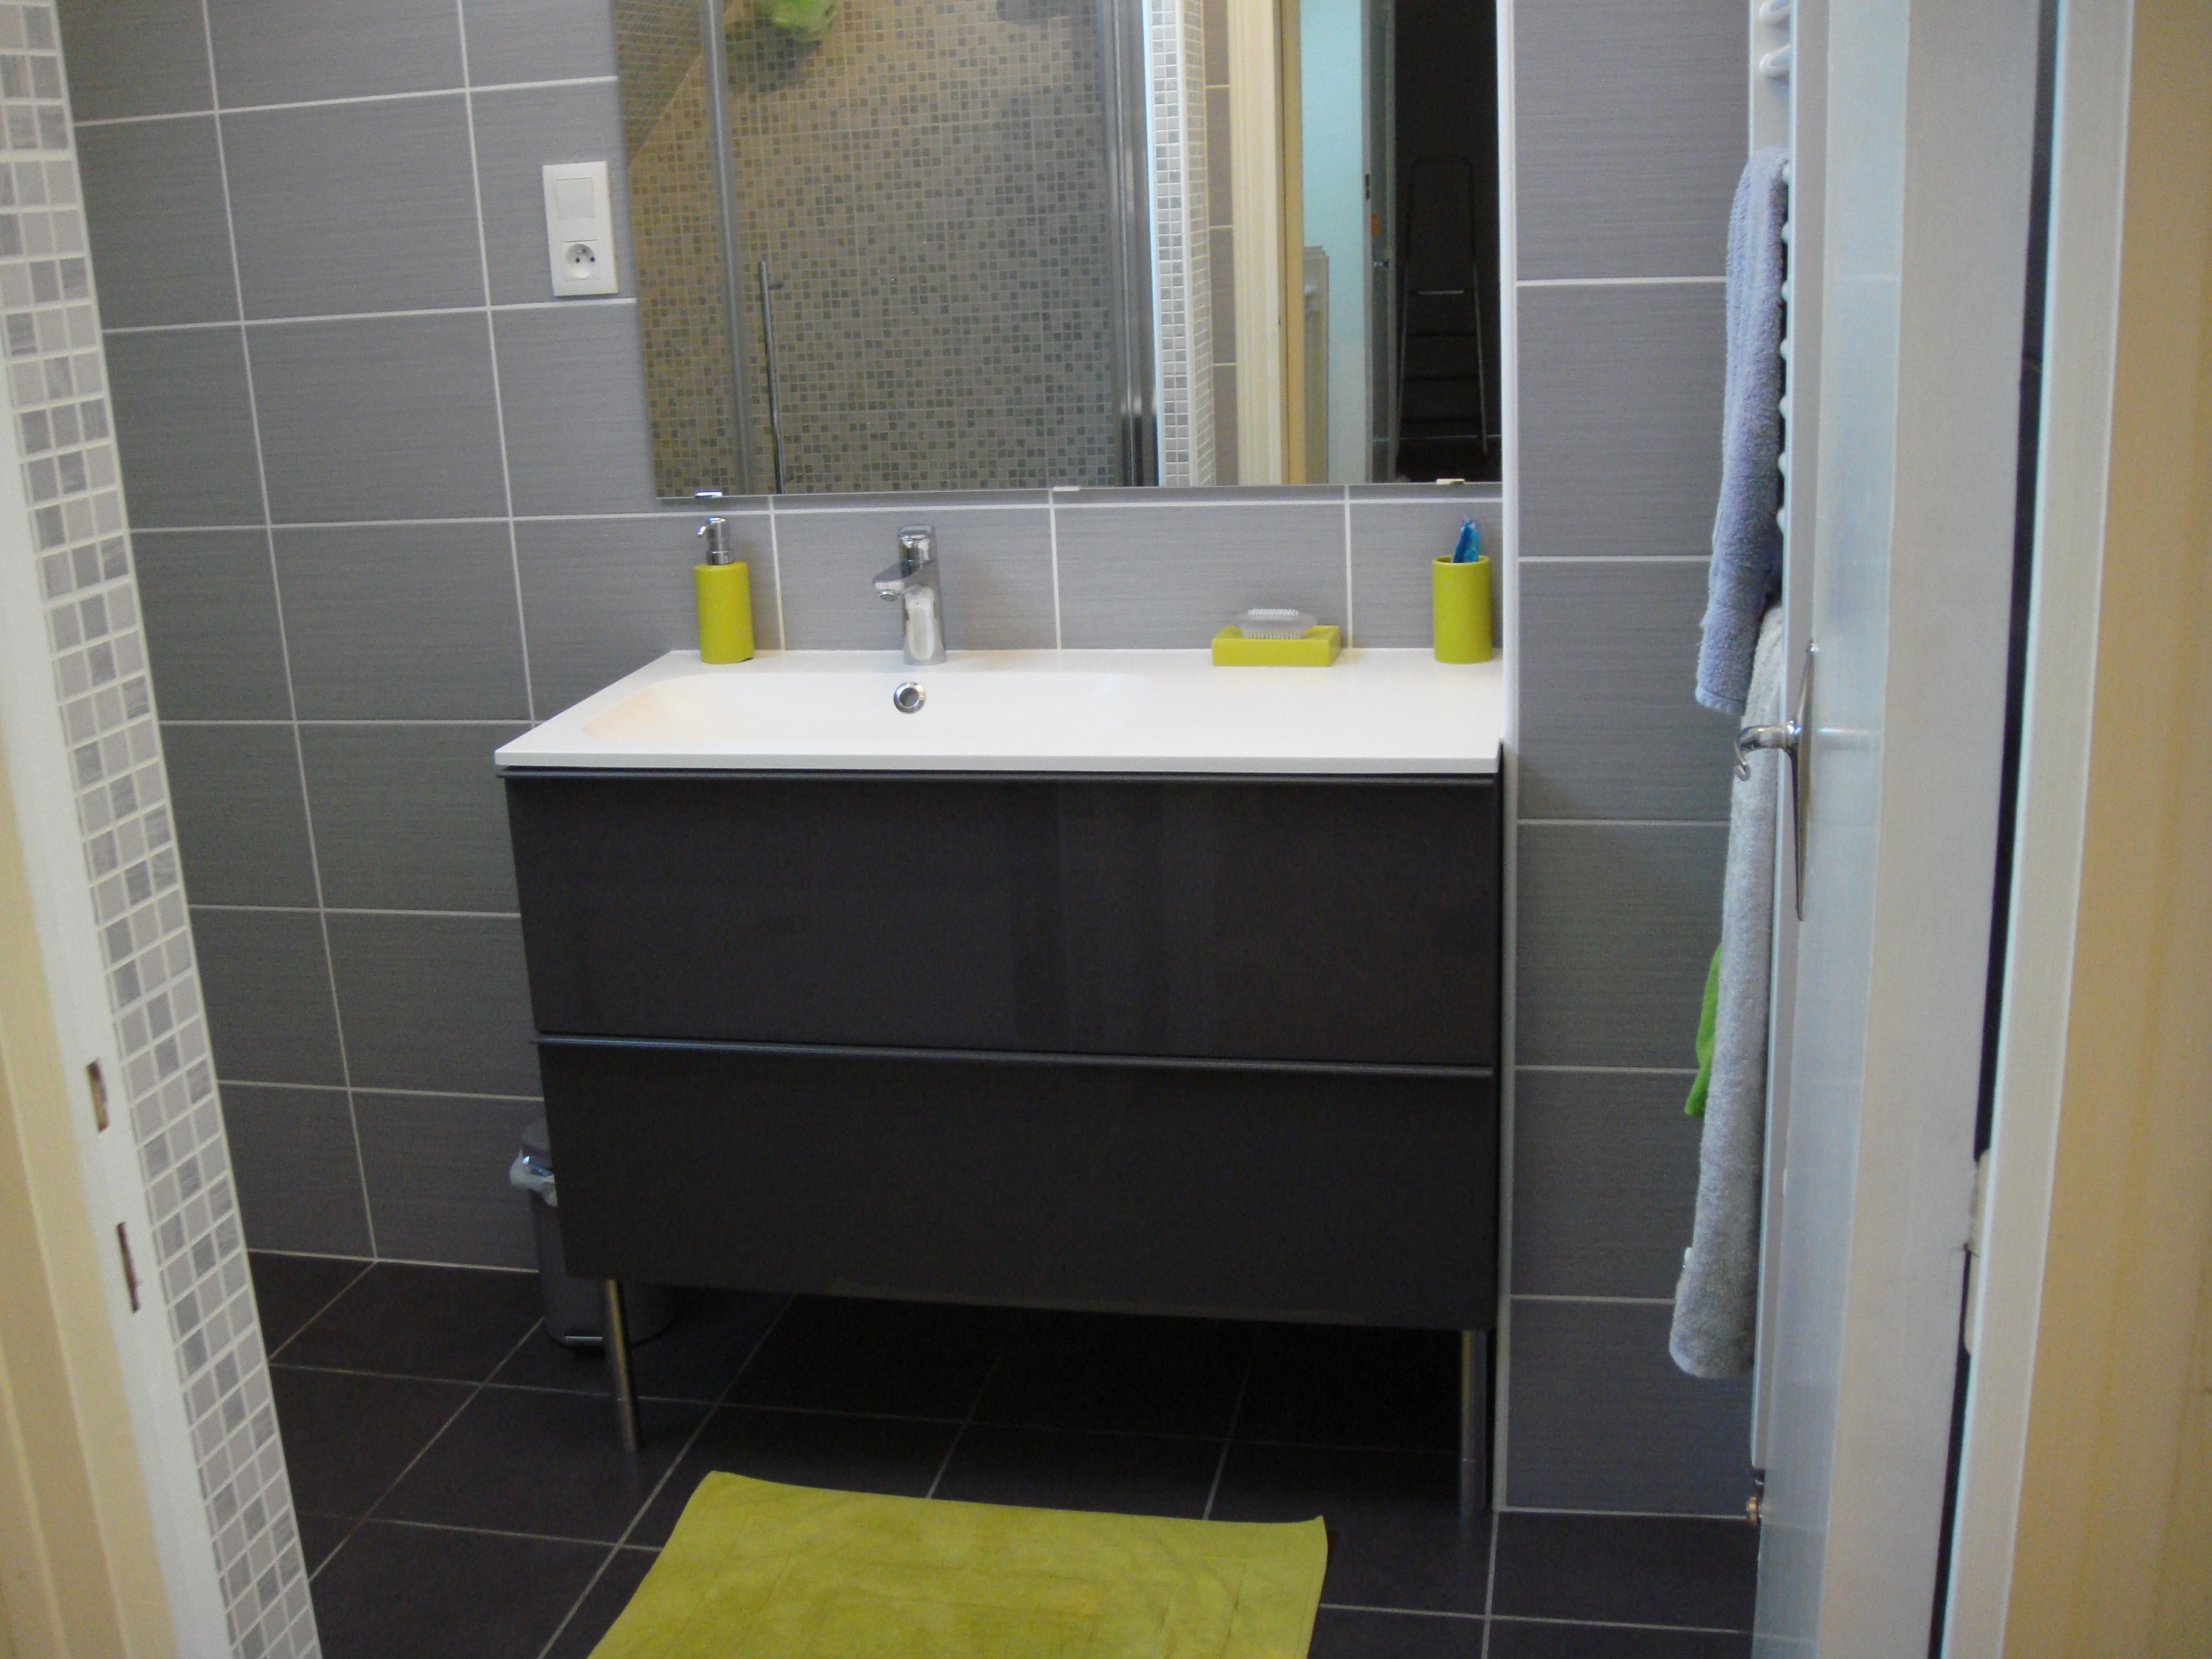 Echelle Salle De Bain Ikea Nouveau Images Meuble D Angle Salle De Bain Ikea Avec Ikea Salle De Bain Meuble